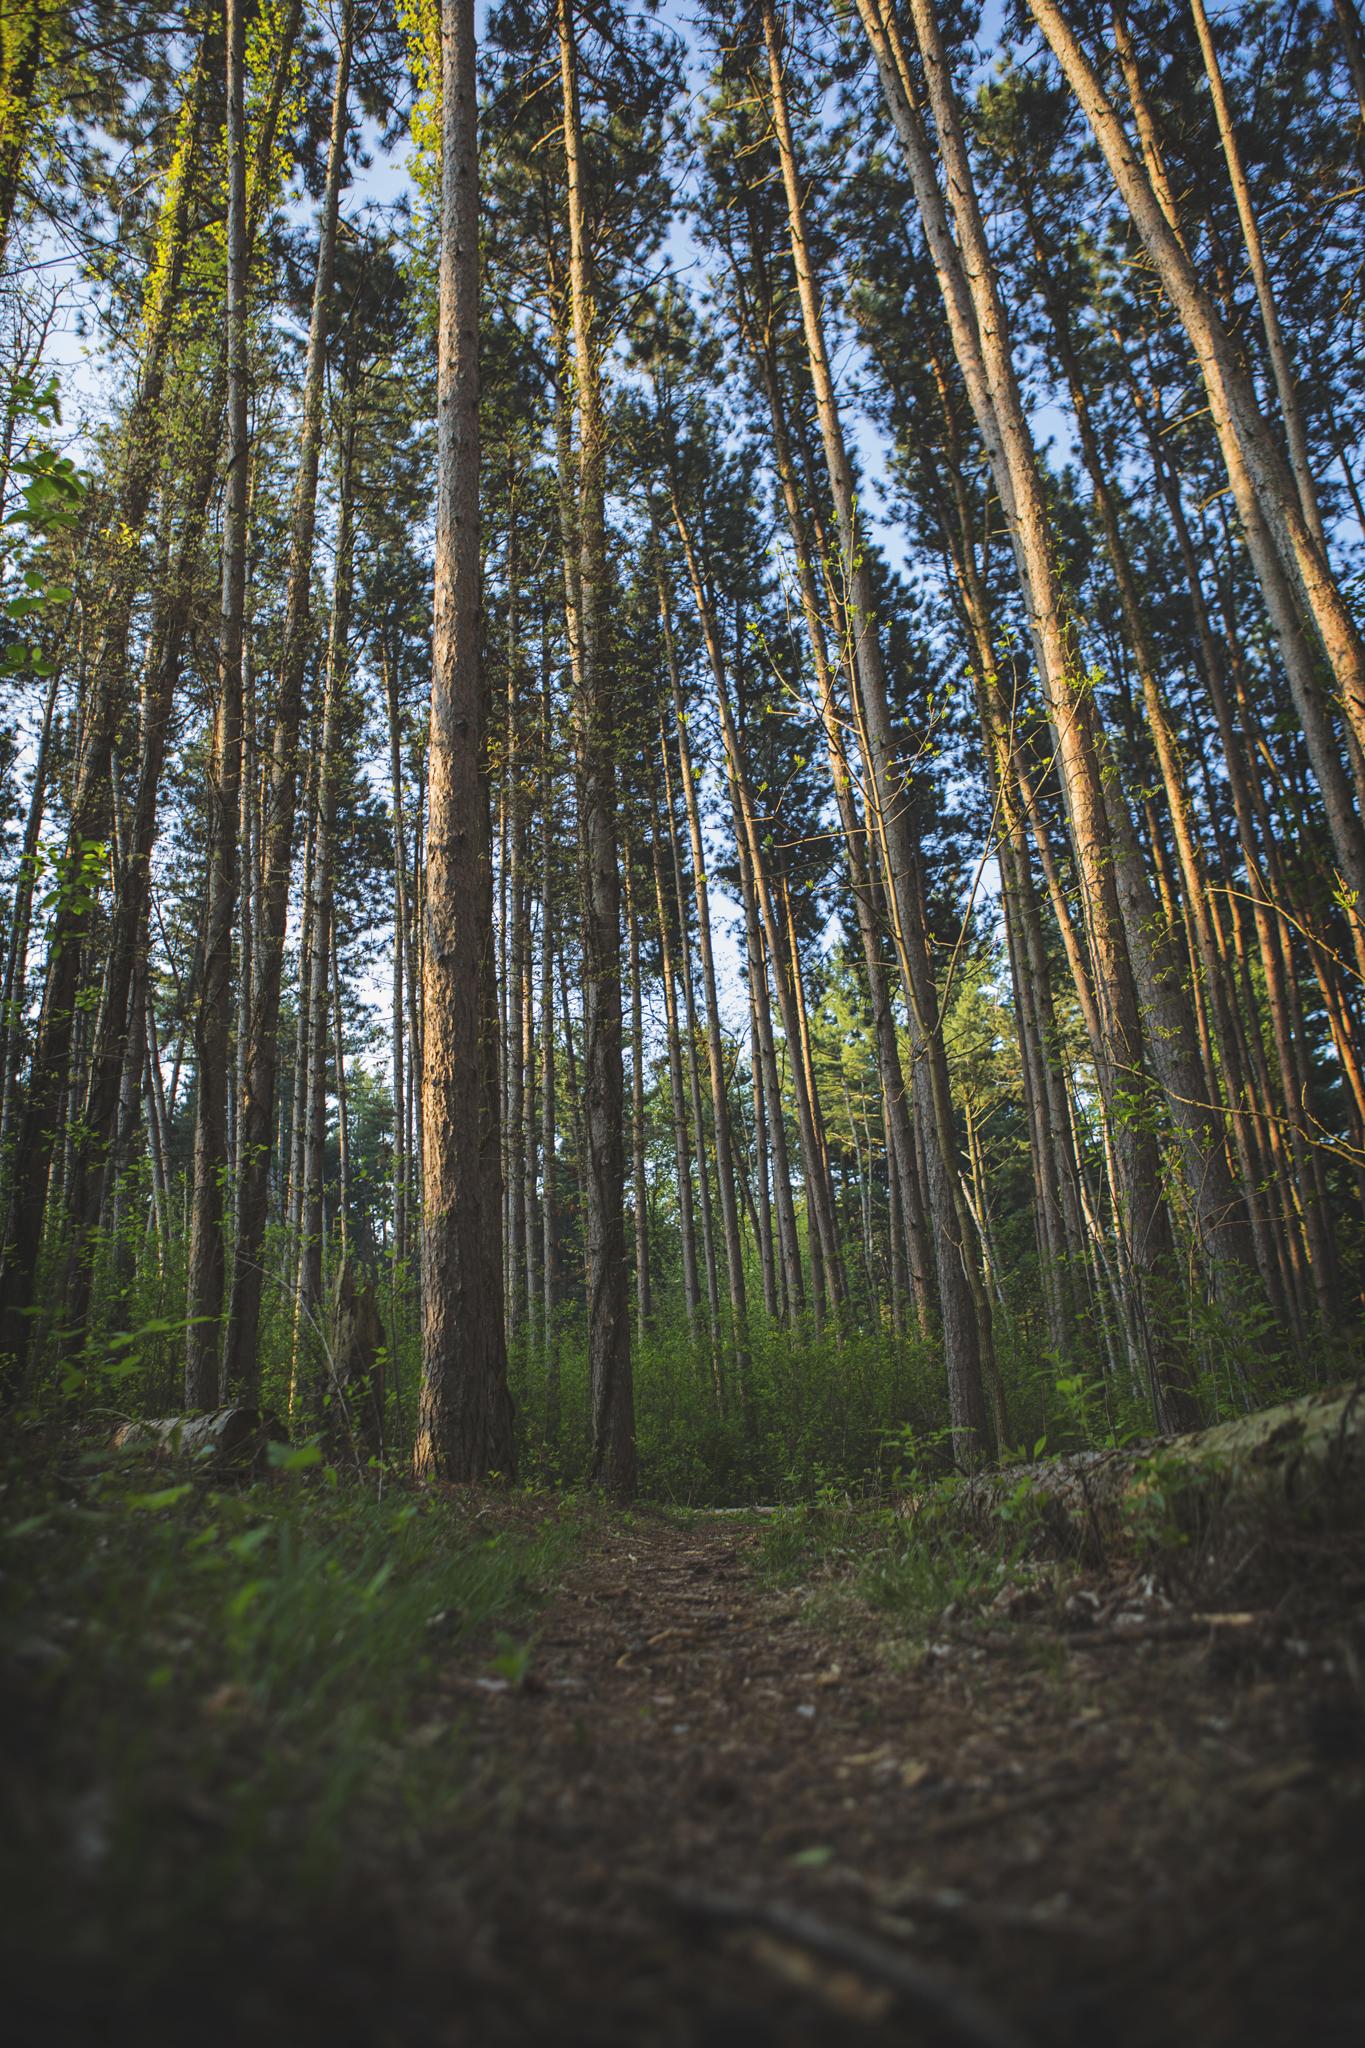 Denison_Bioreserver_Trees.jpg